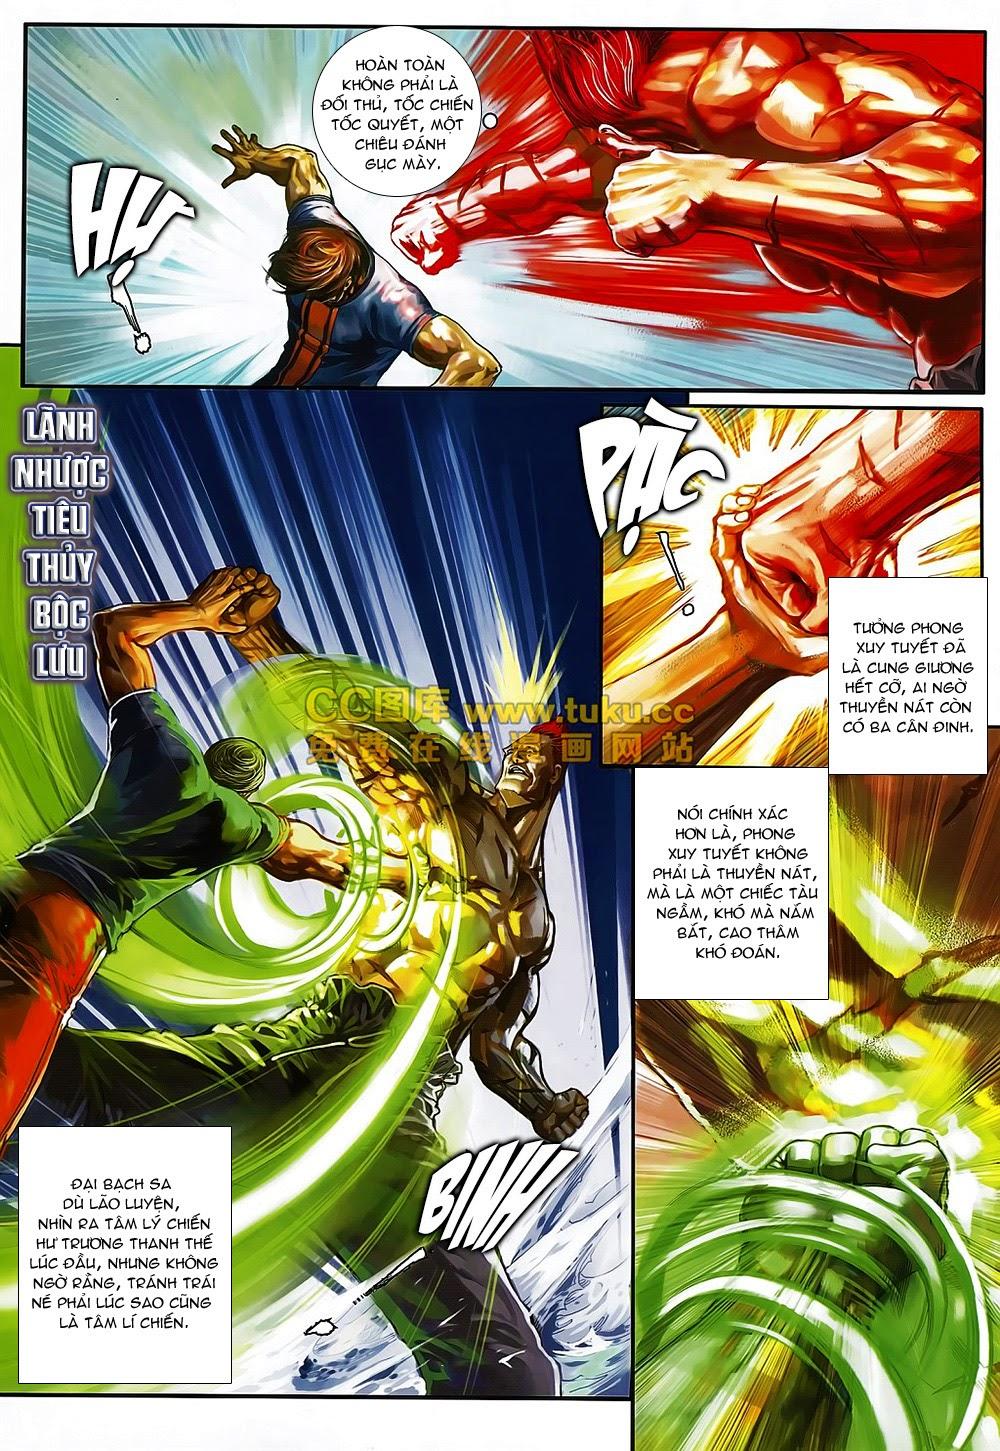 Quyền Đạo chapter 6 trang 9